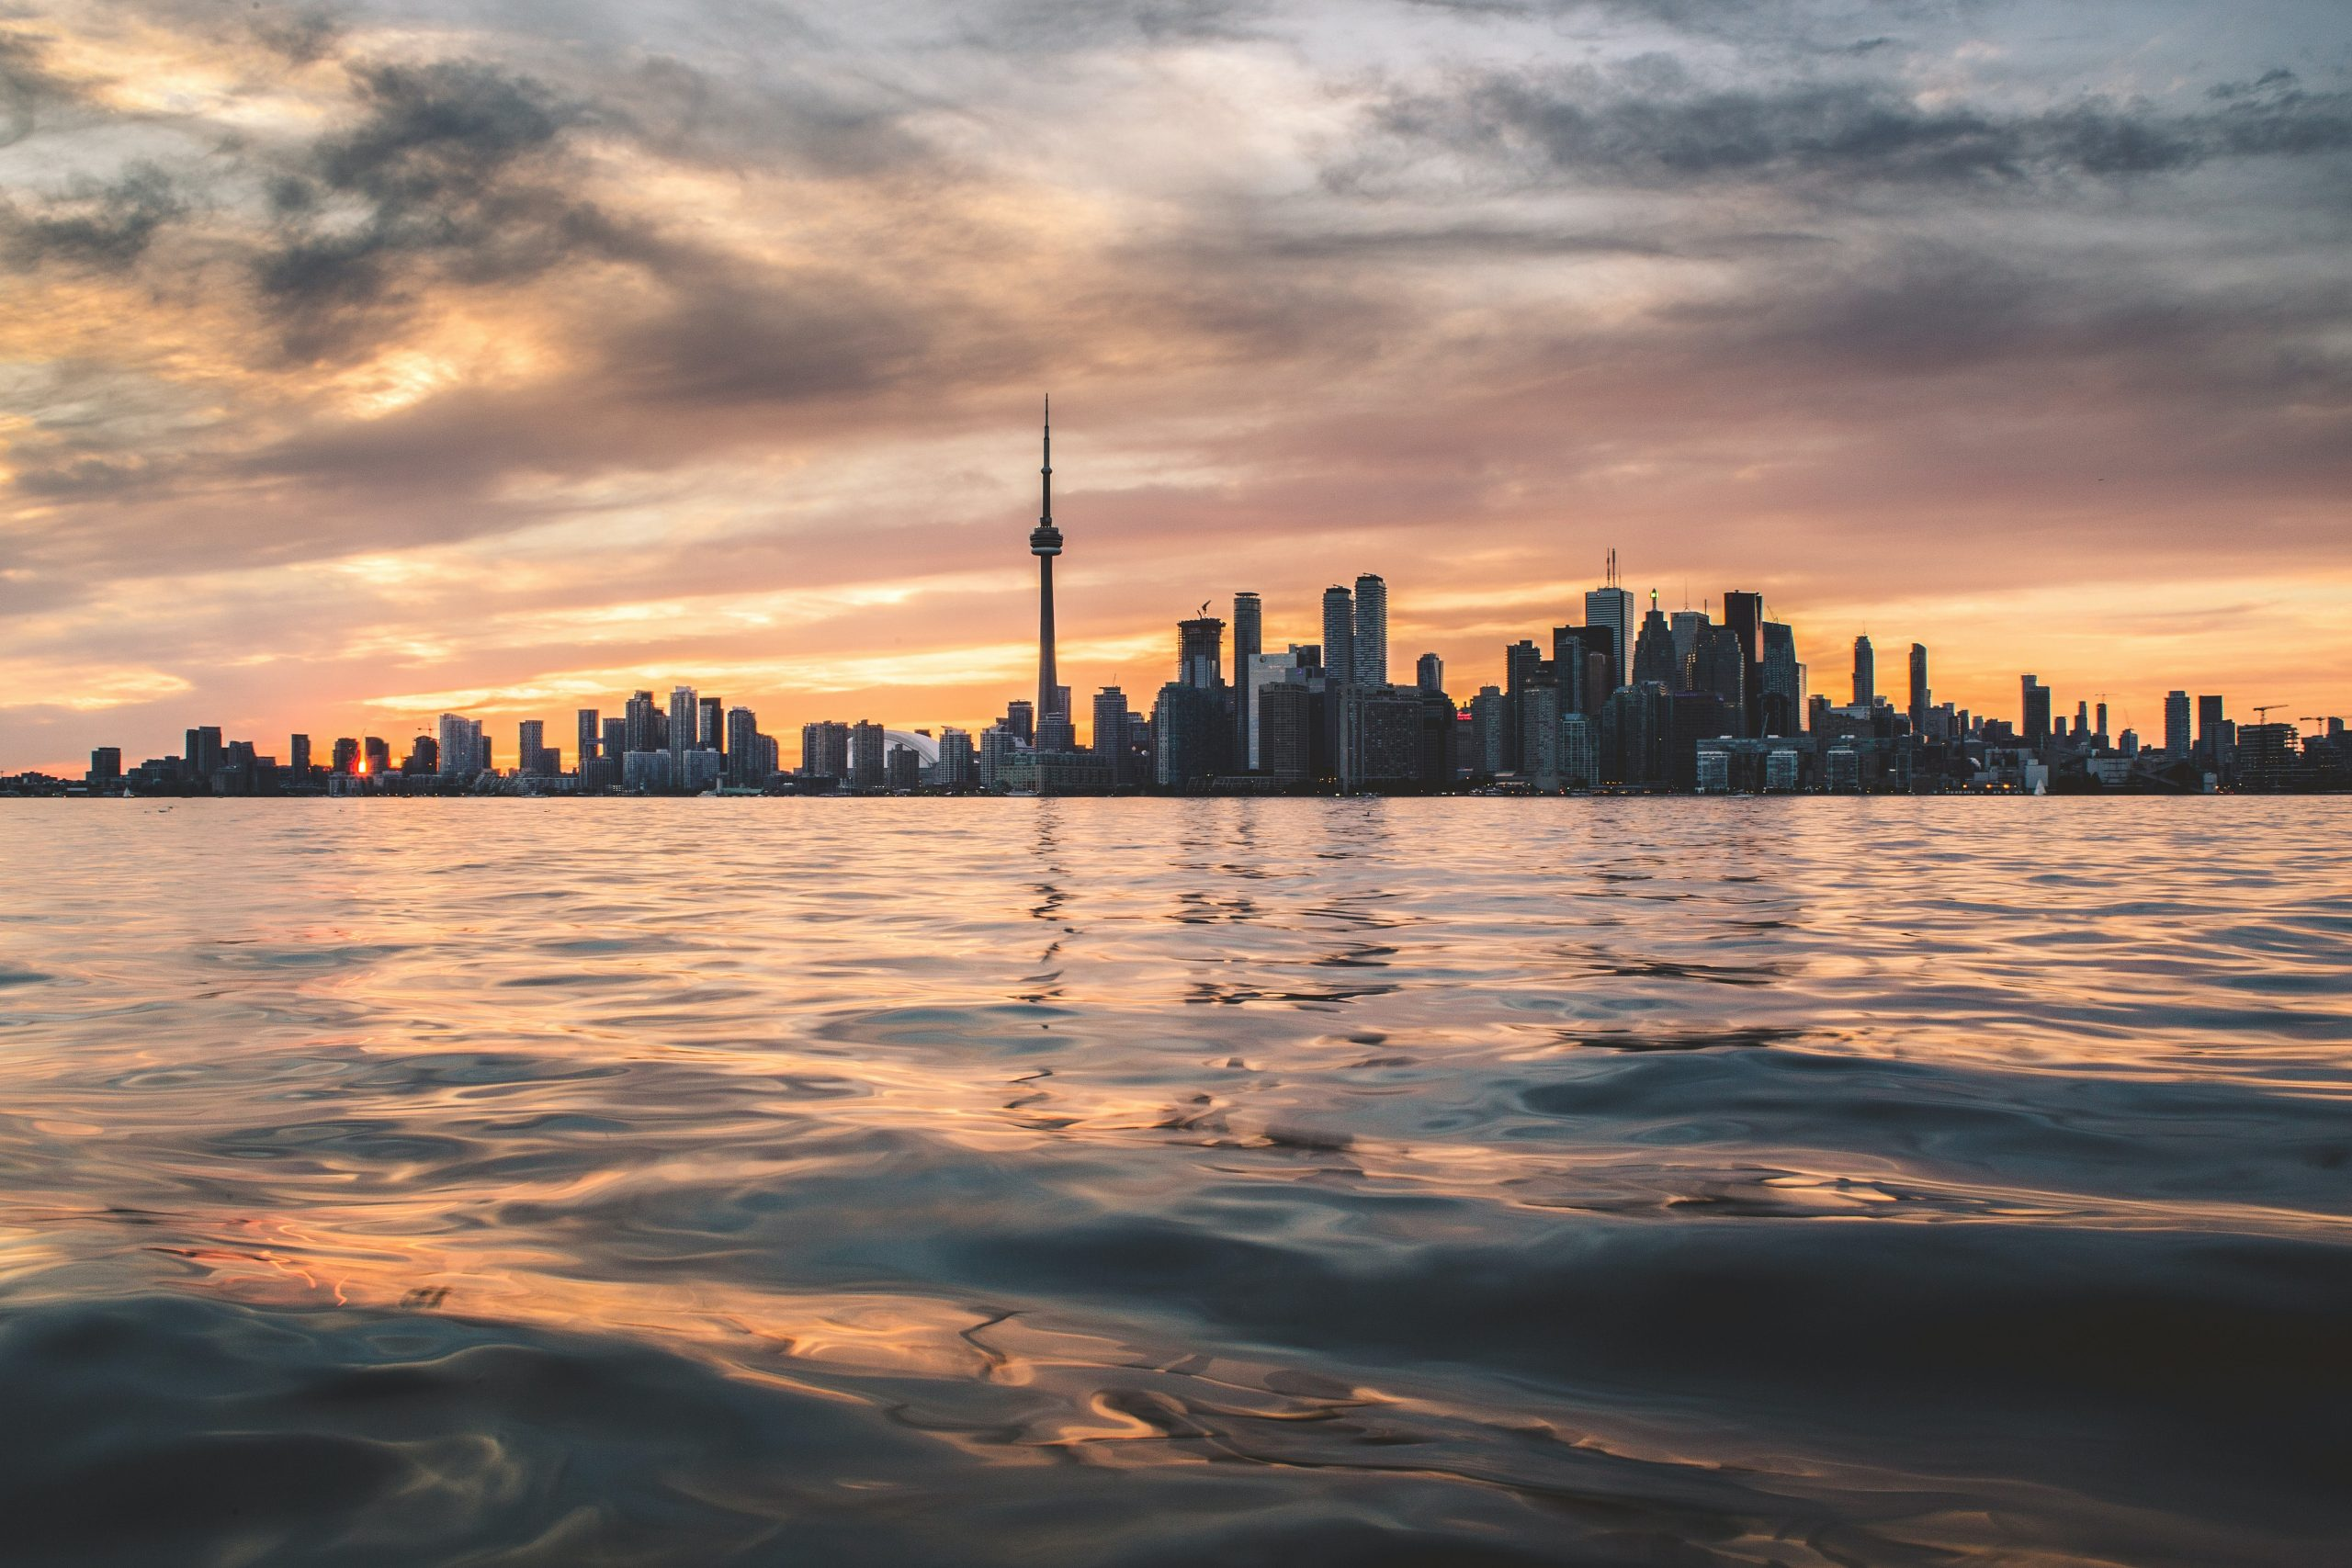 Canada's Zero Plastic Waste 2030 Mandate